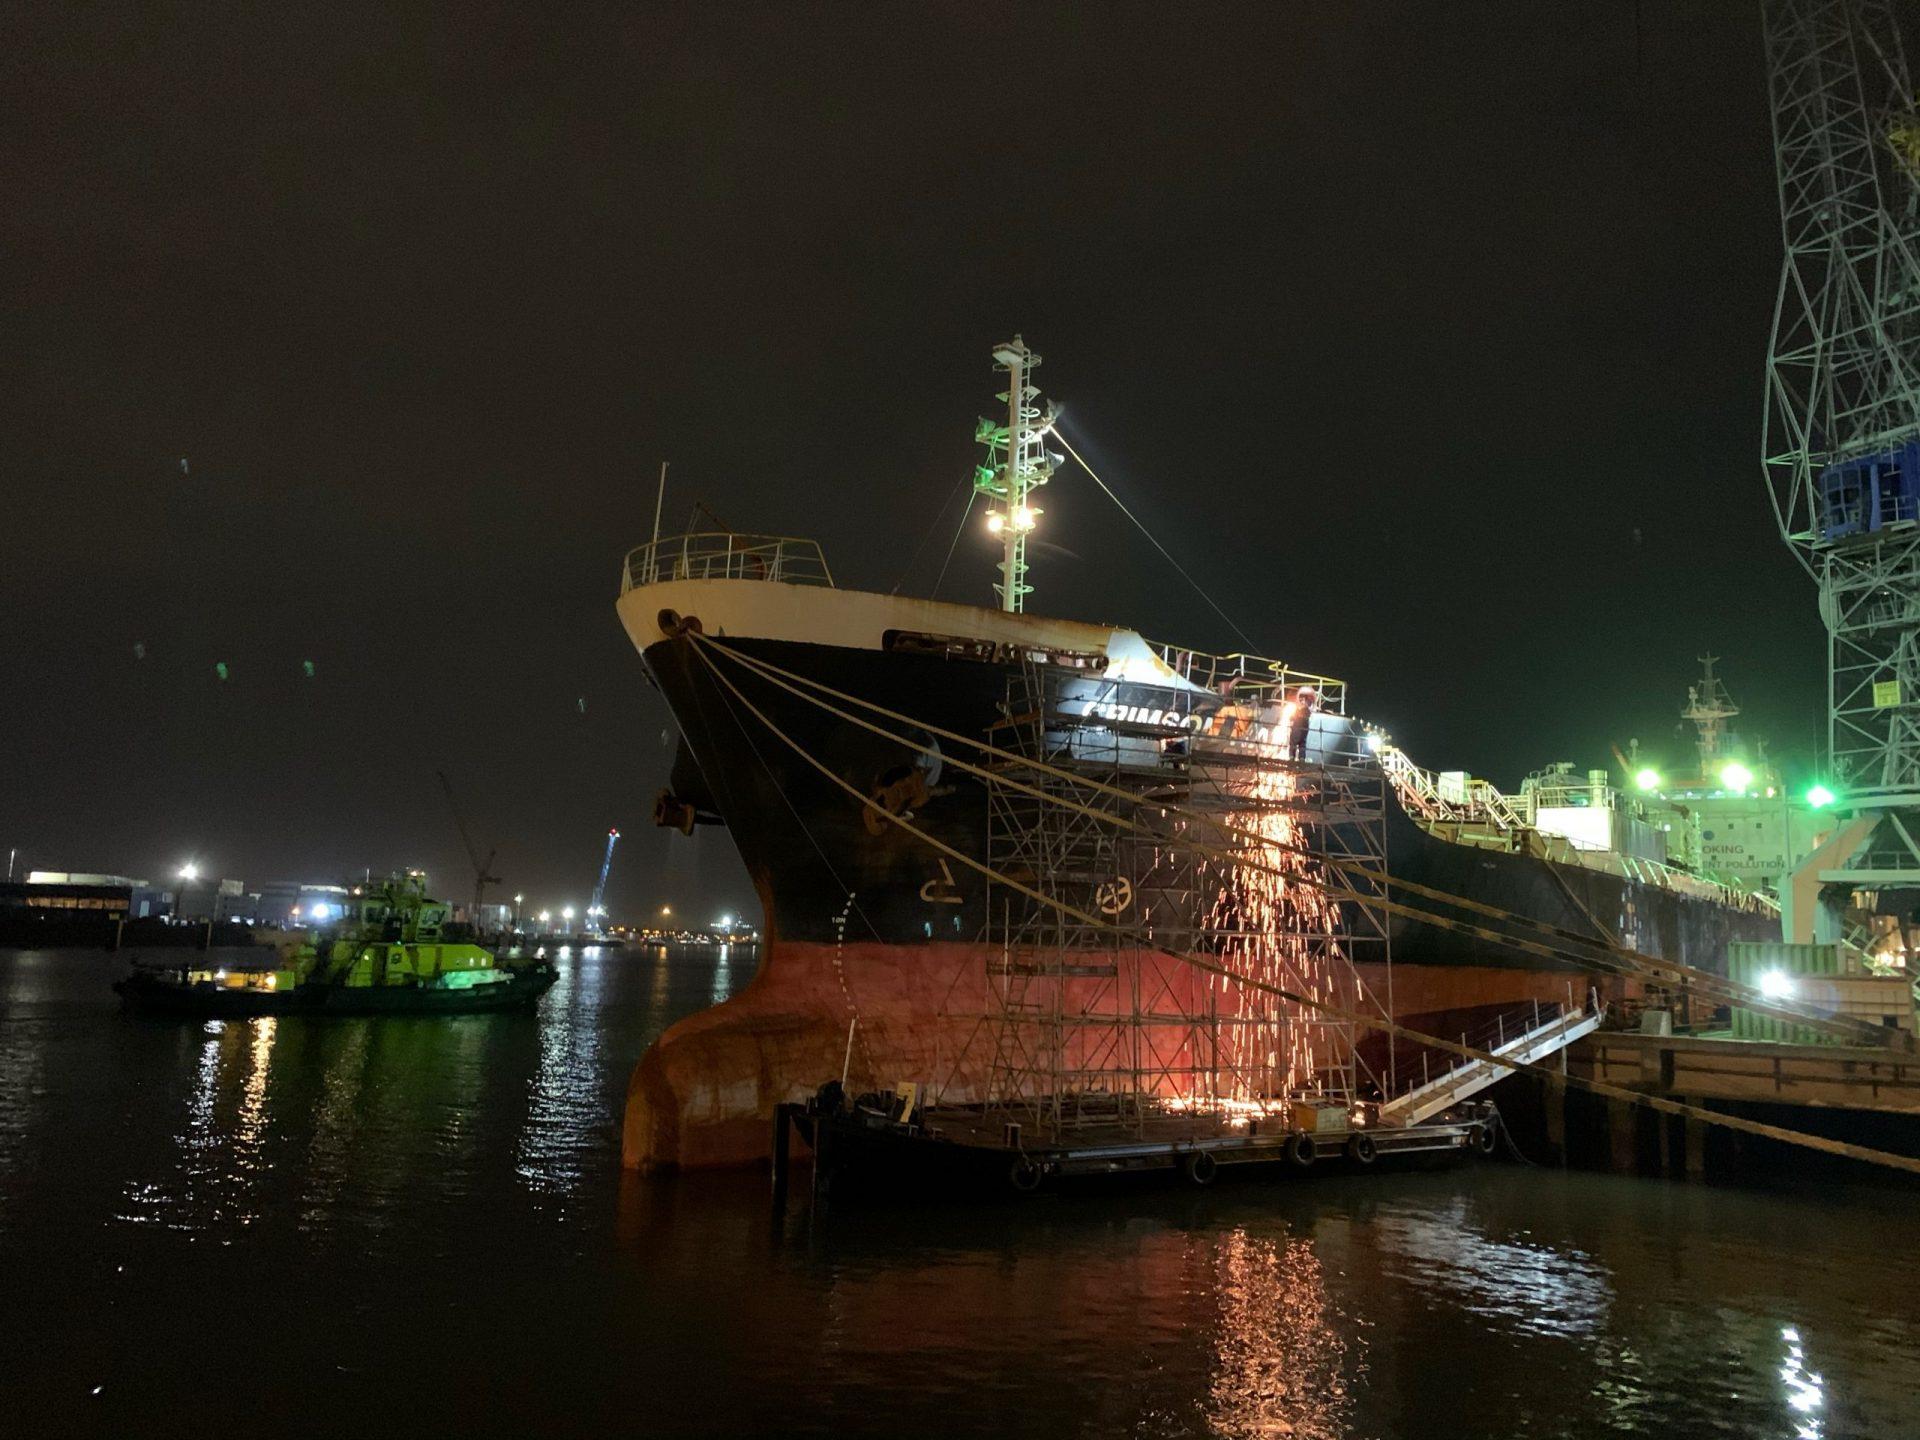 2. Ship repair